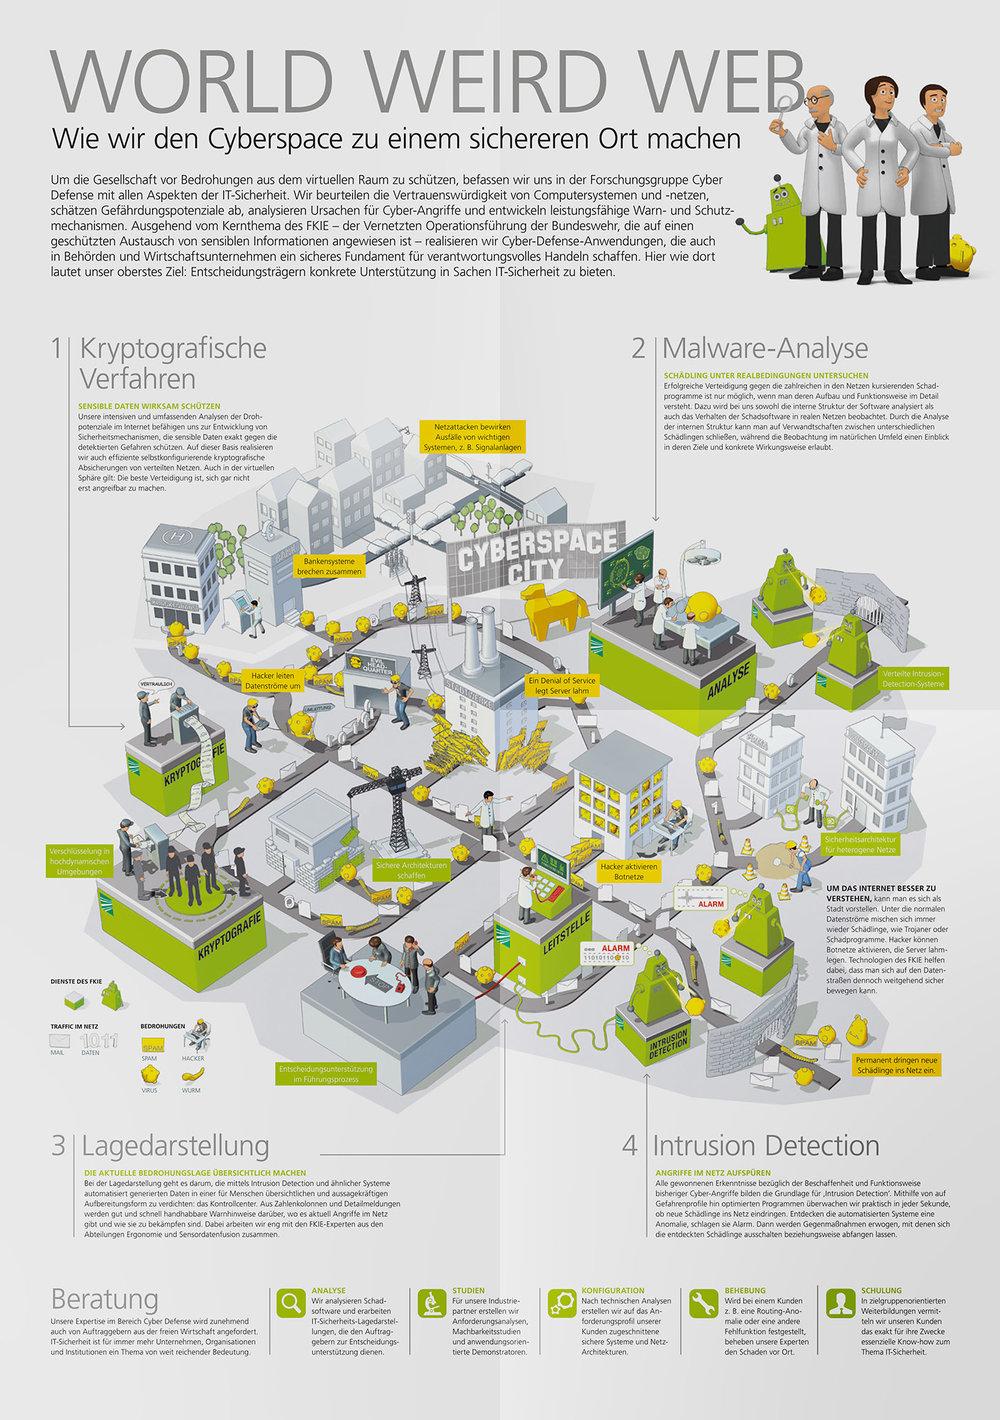 Poster zum Thema Sicherheit im Cyberspace für das Fraunhofer FKIE (3D Modeling, Rendering & Animation. Konzept und Art-Direction Christina Ackermann)